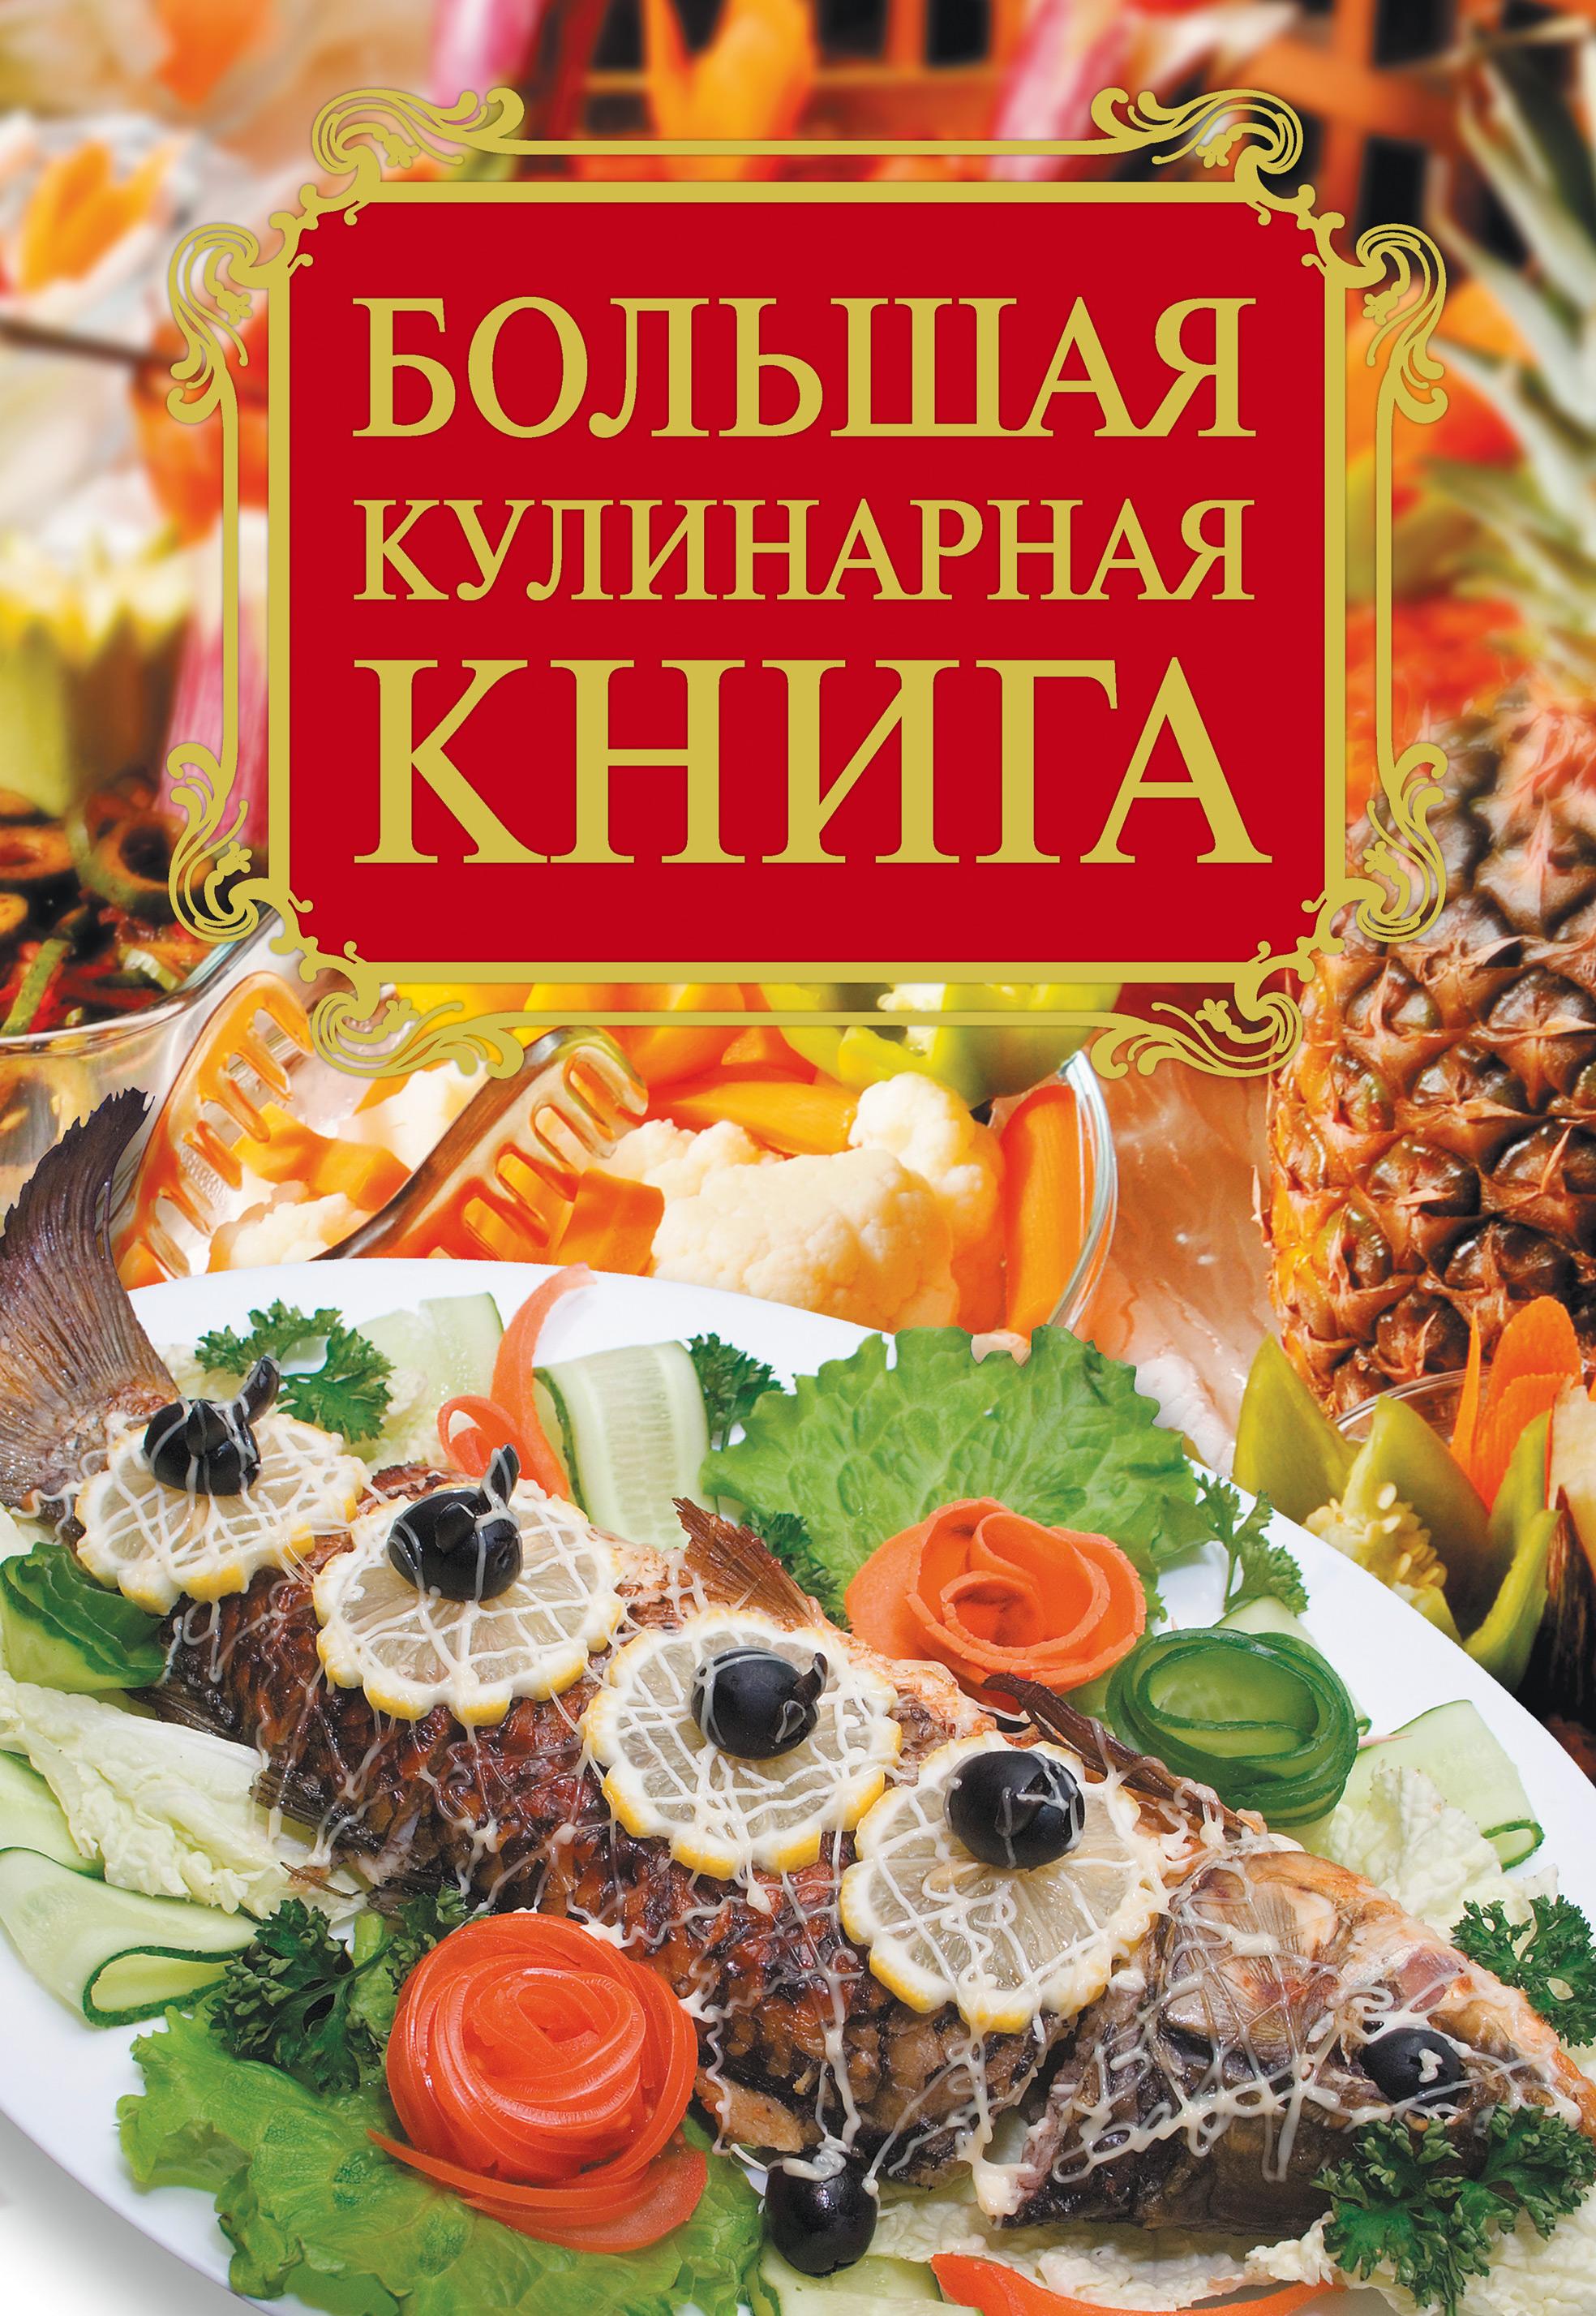 Е. А. Бойко Большая кулинарная книга бойко е украшение блюд праздничного стола